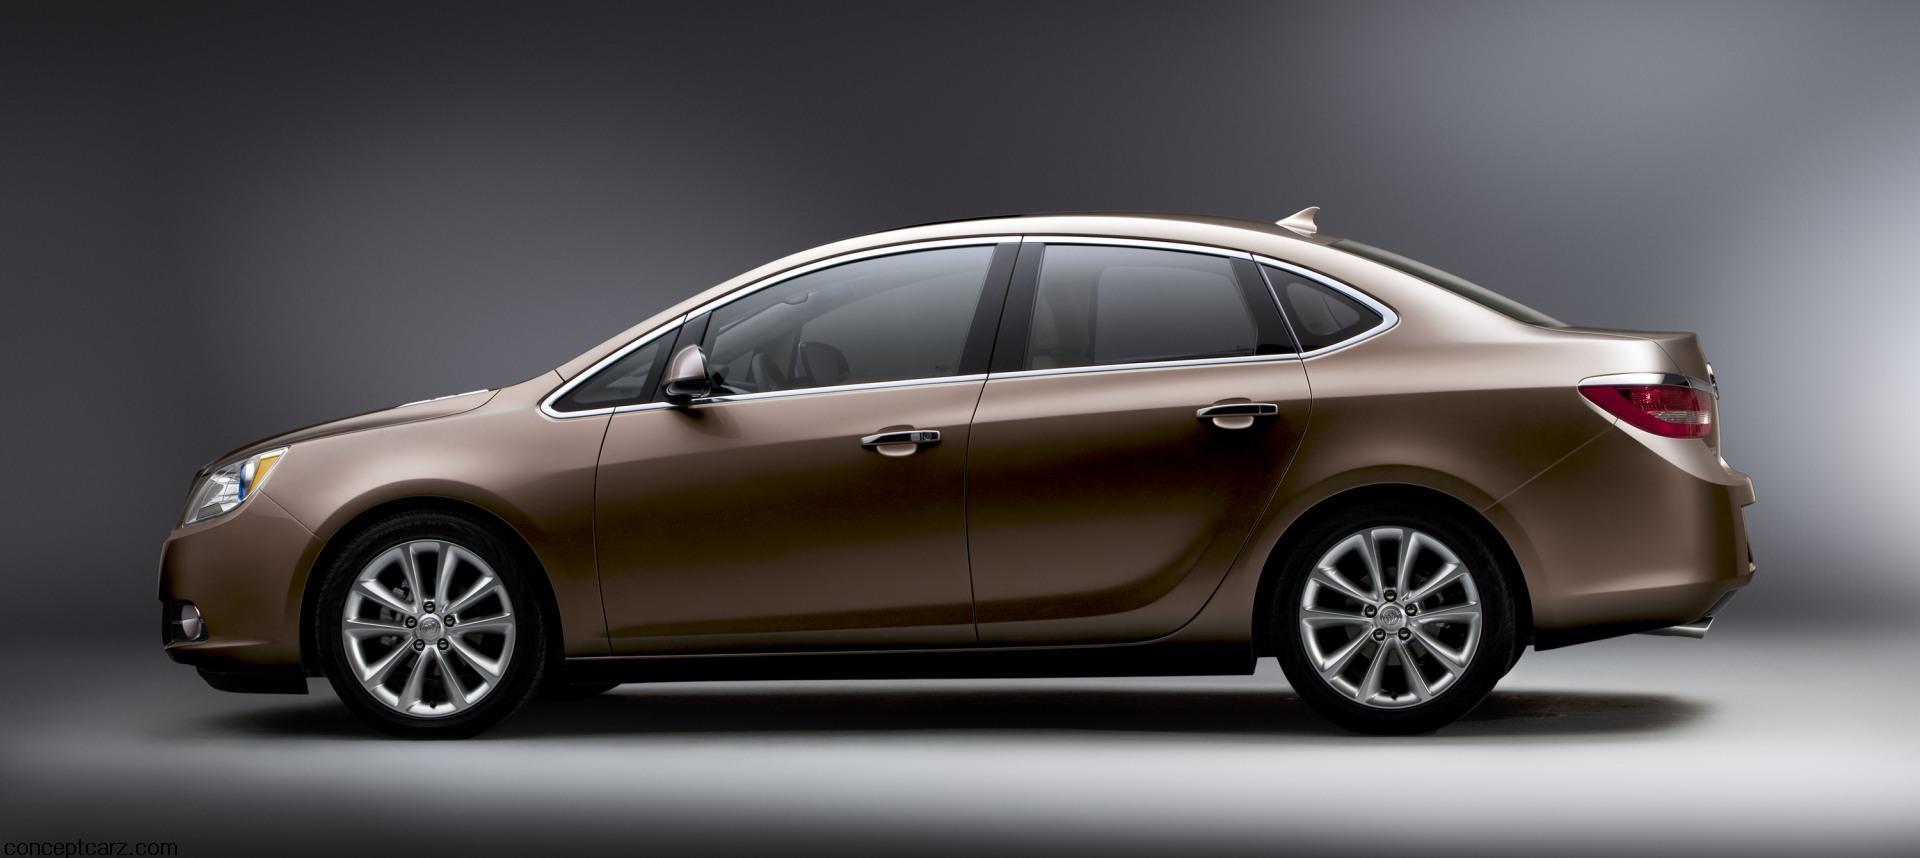 used car jy review verano buick ca sedan autos vehicle reviews